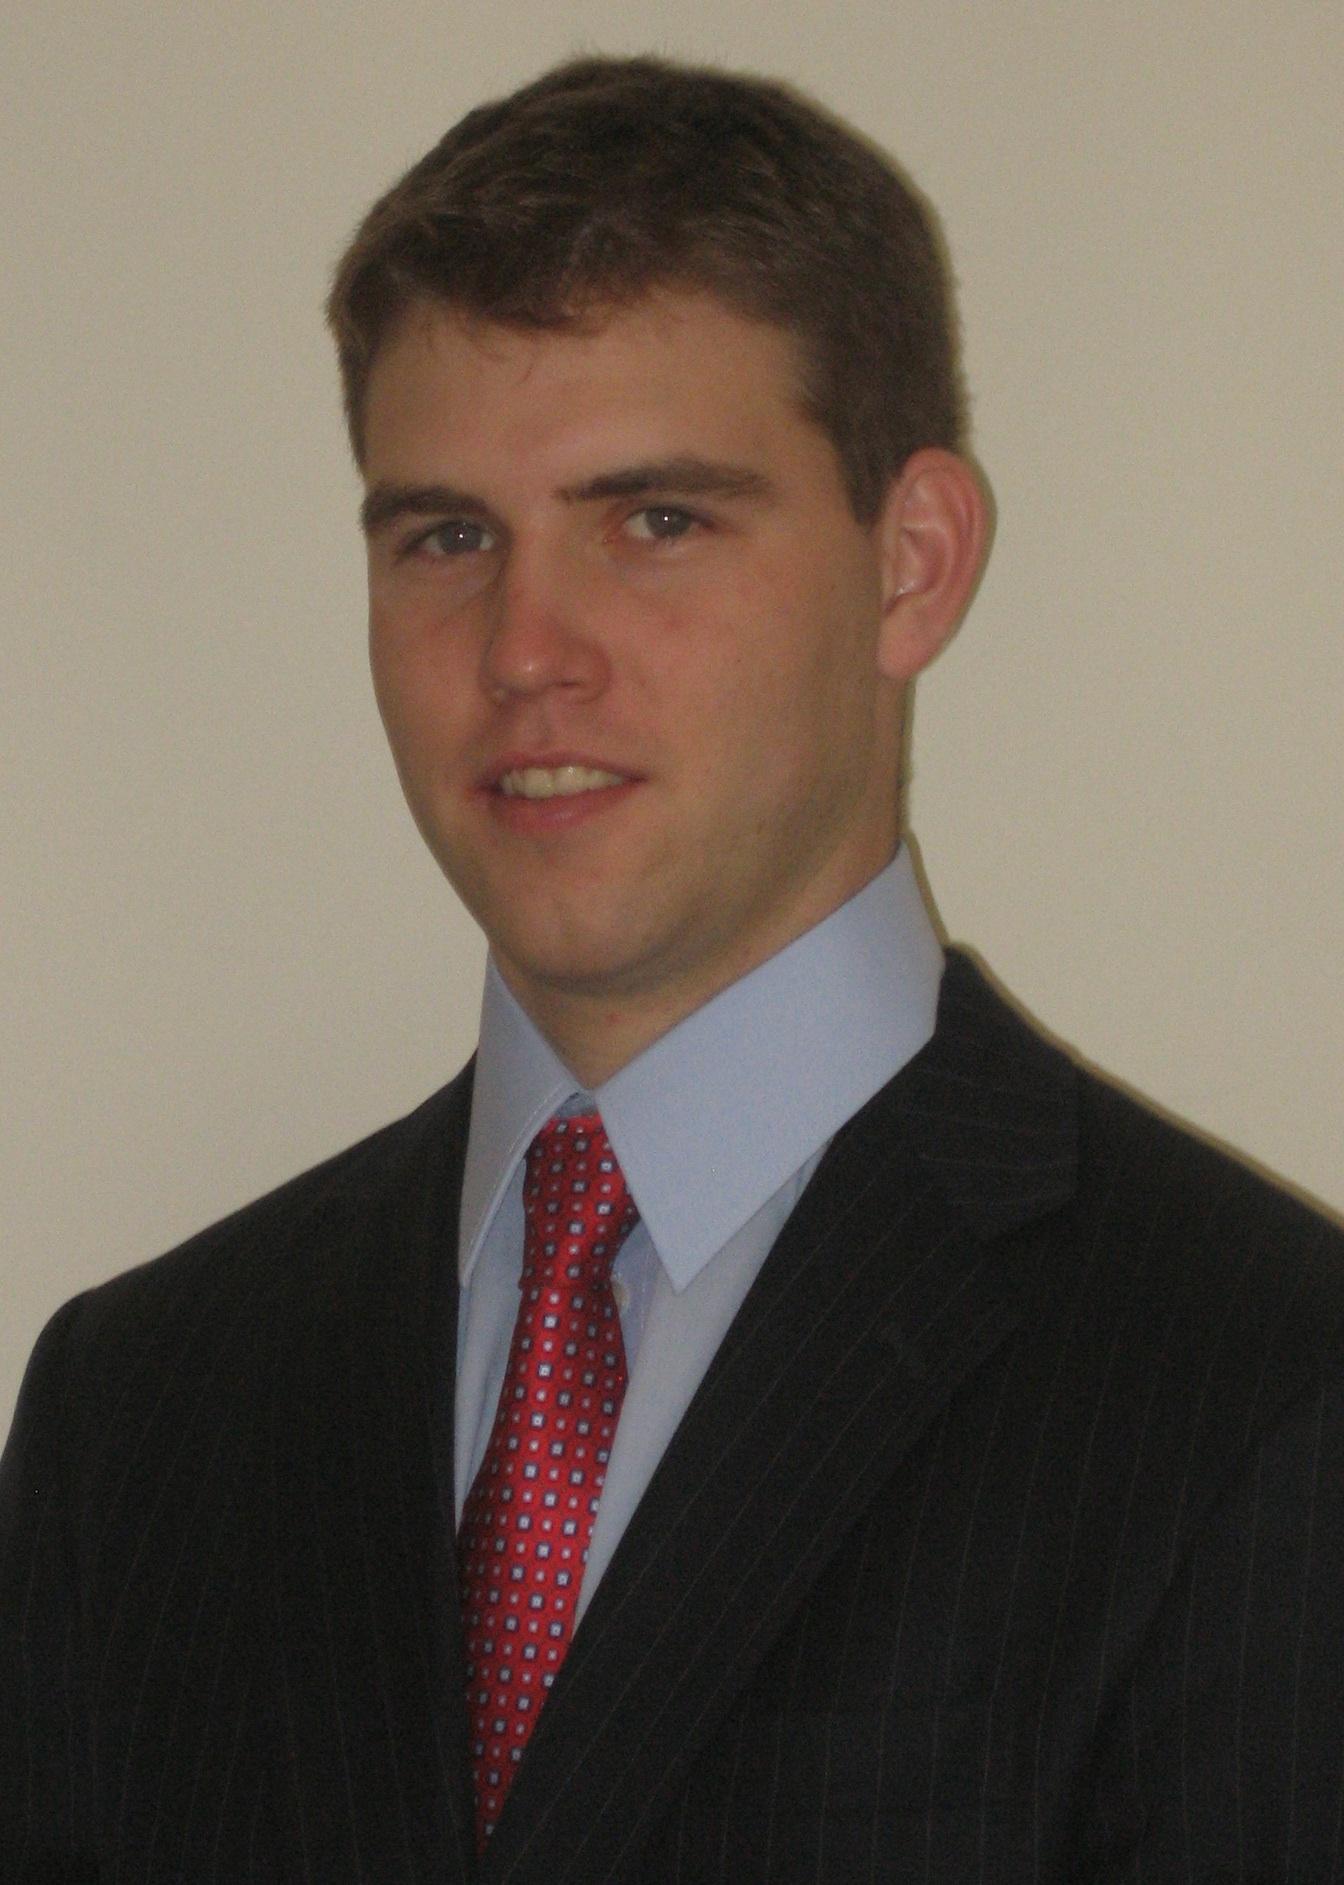 Stephen Webber